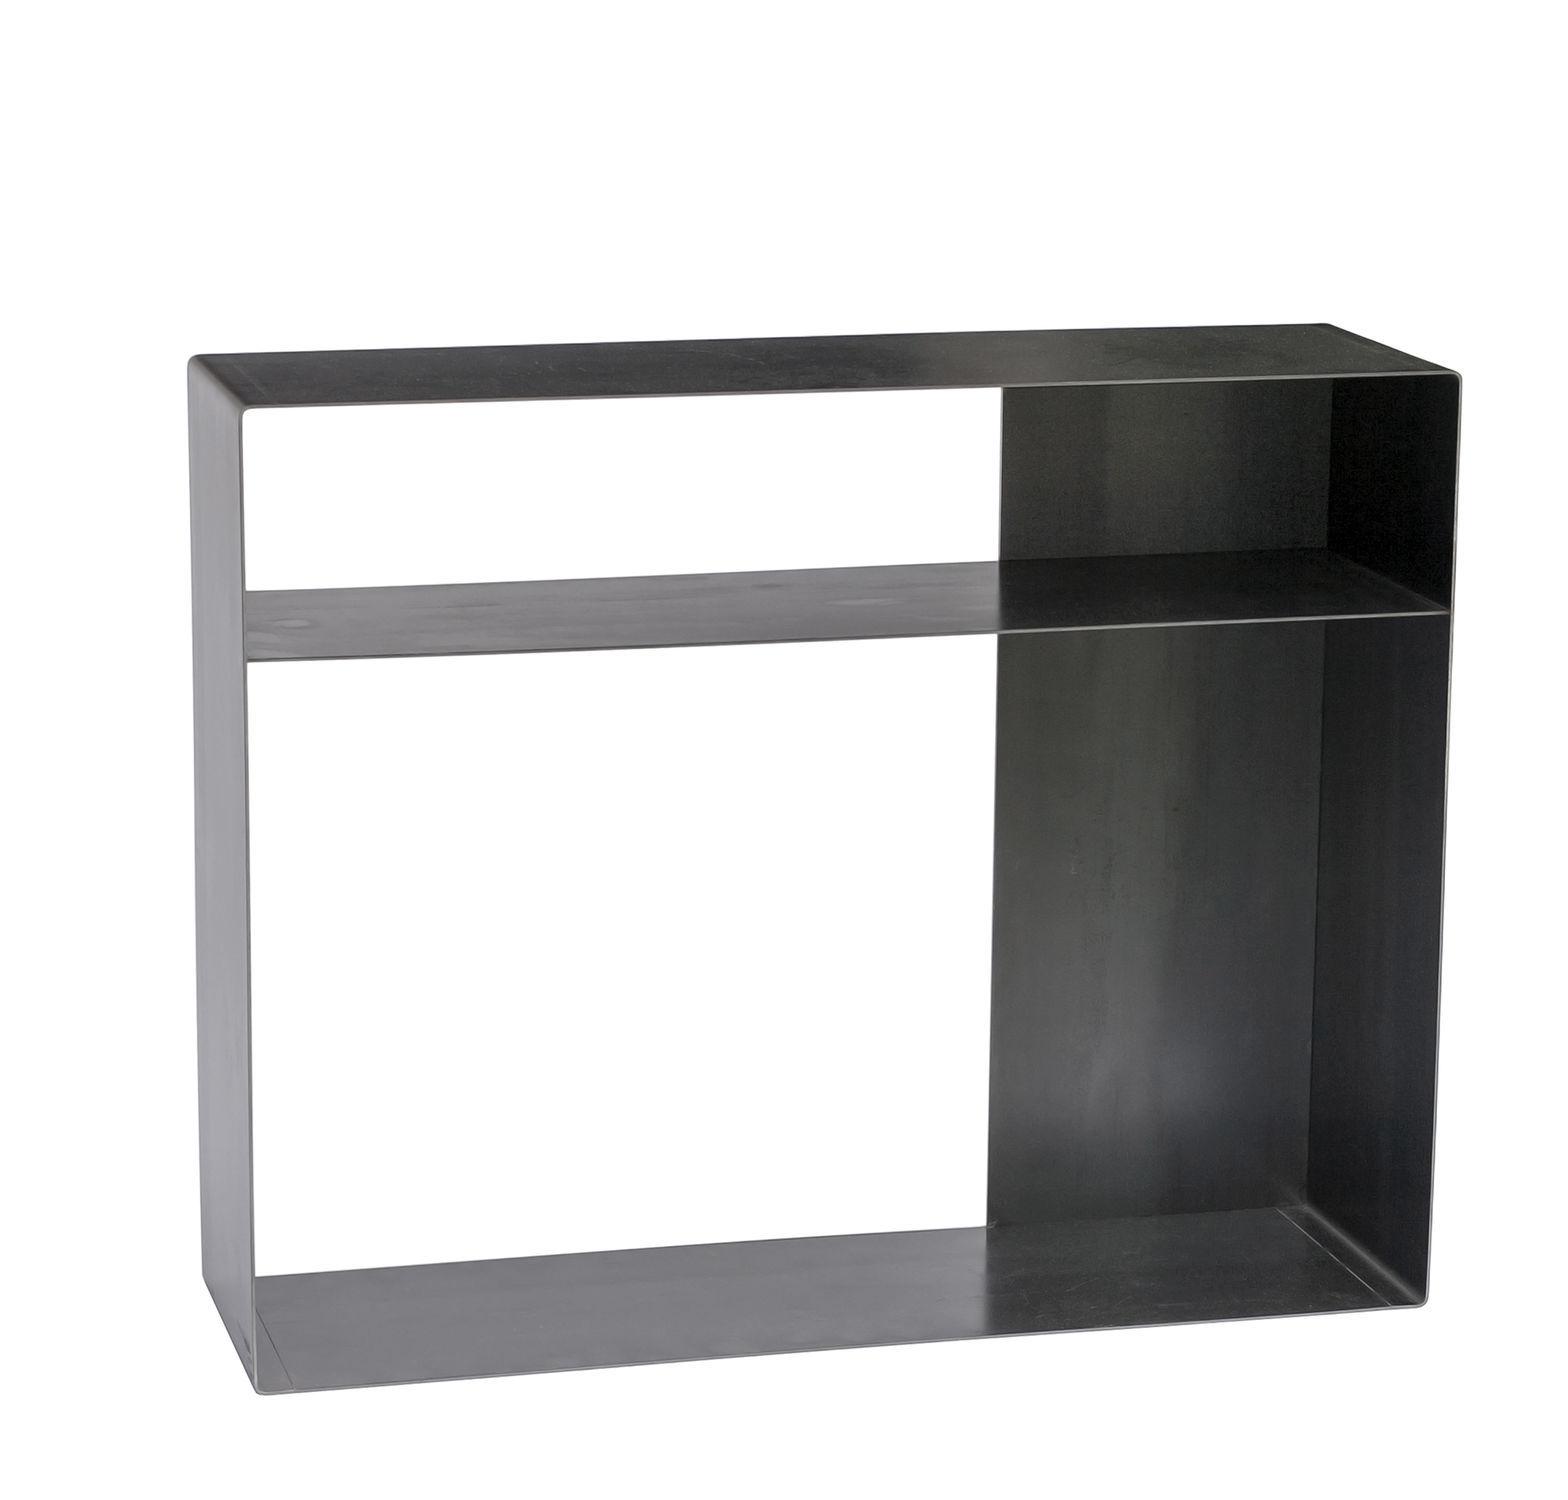 Mueble De Televisi N De Dise O Industrial De Acero Quattro 2  # Mueble Tv Industrial Negro